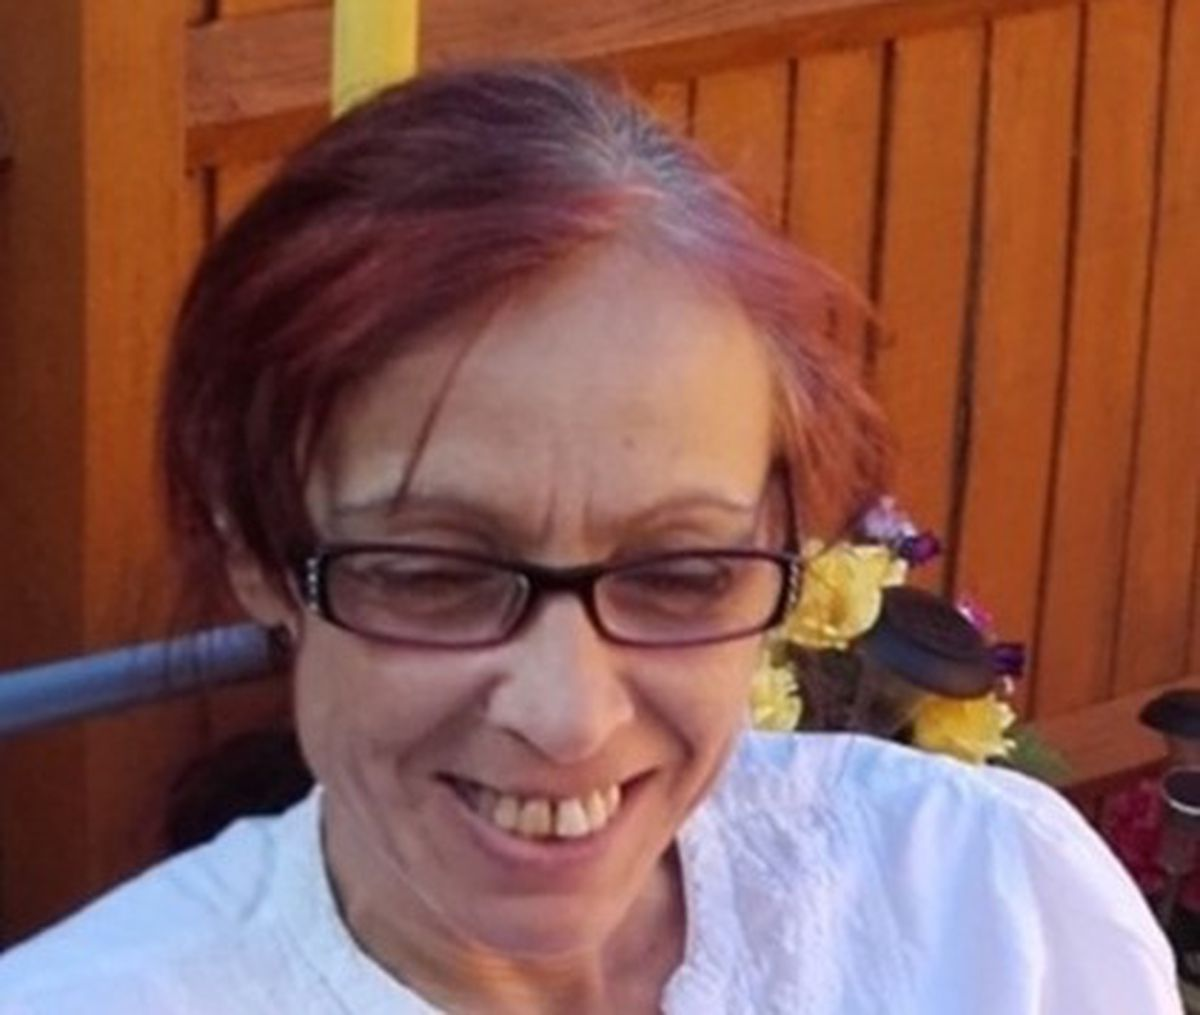 Jomaa Jerrare was aged 52